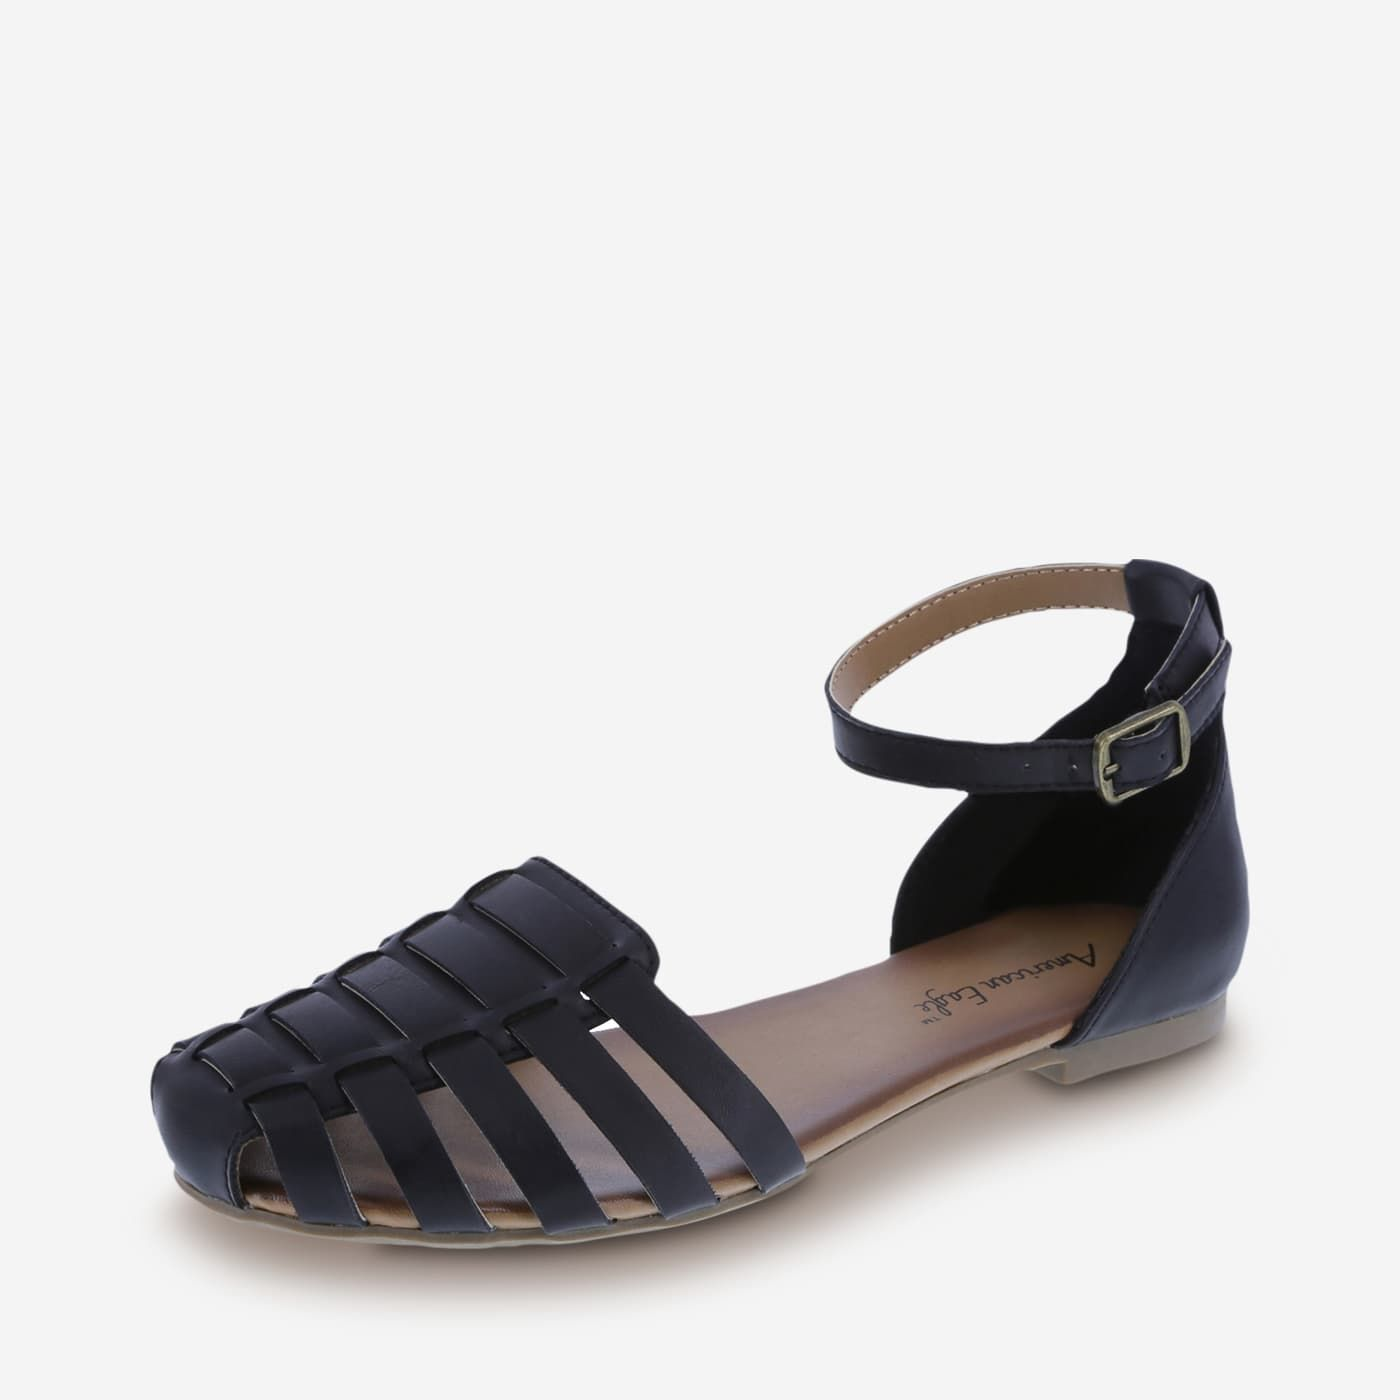 31dc6e48d1d American Eagle Peyton Women s Flat Sling Sandal